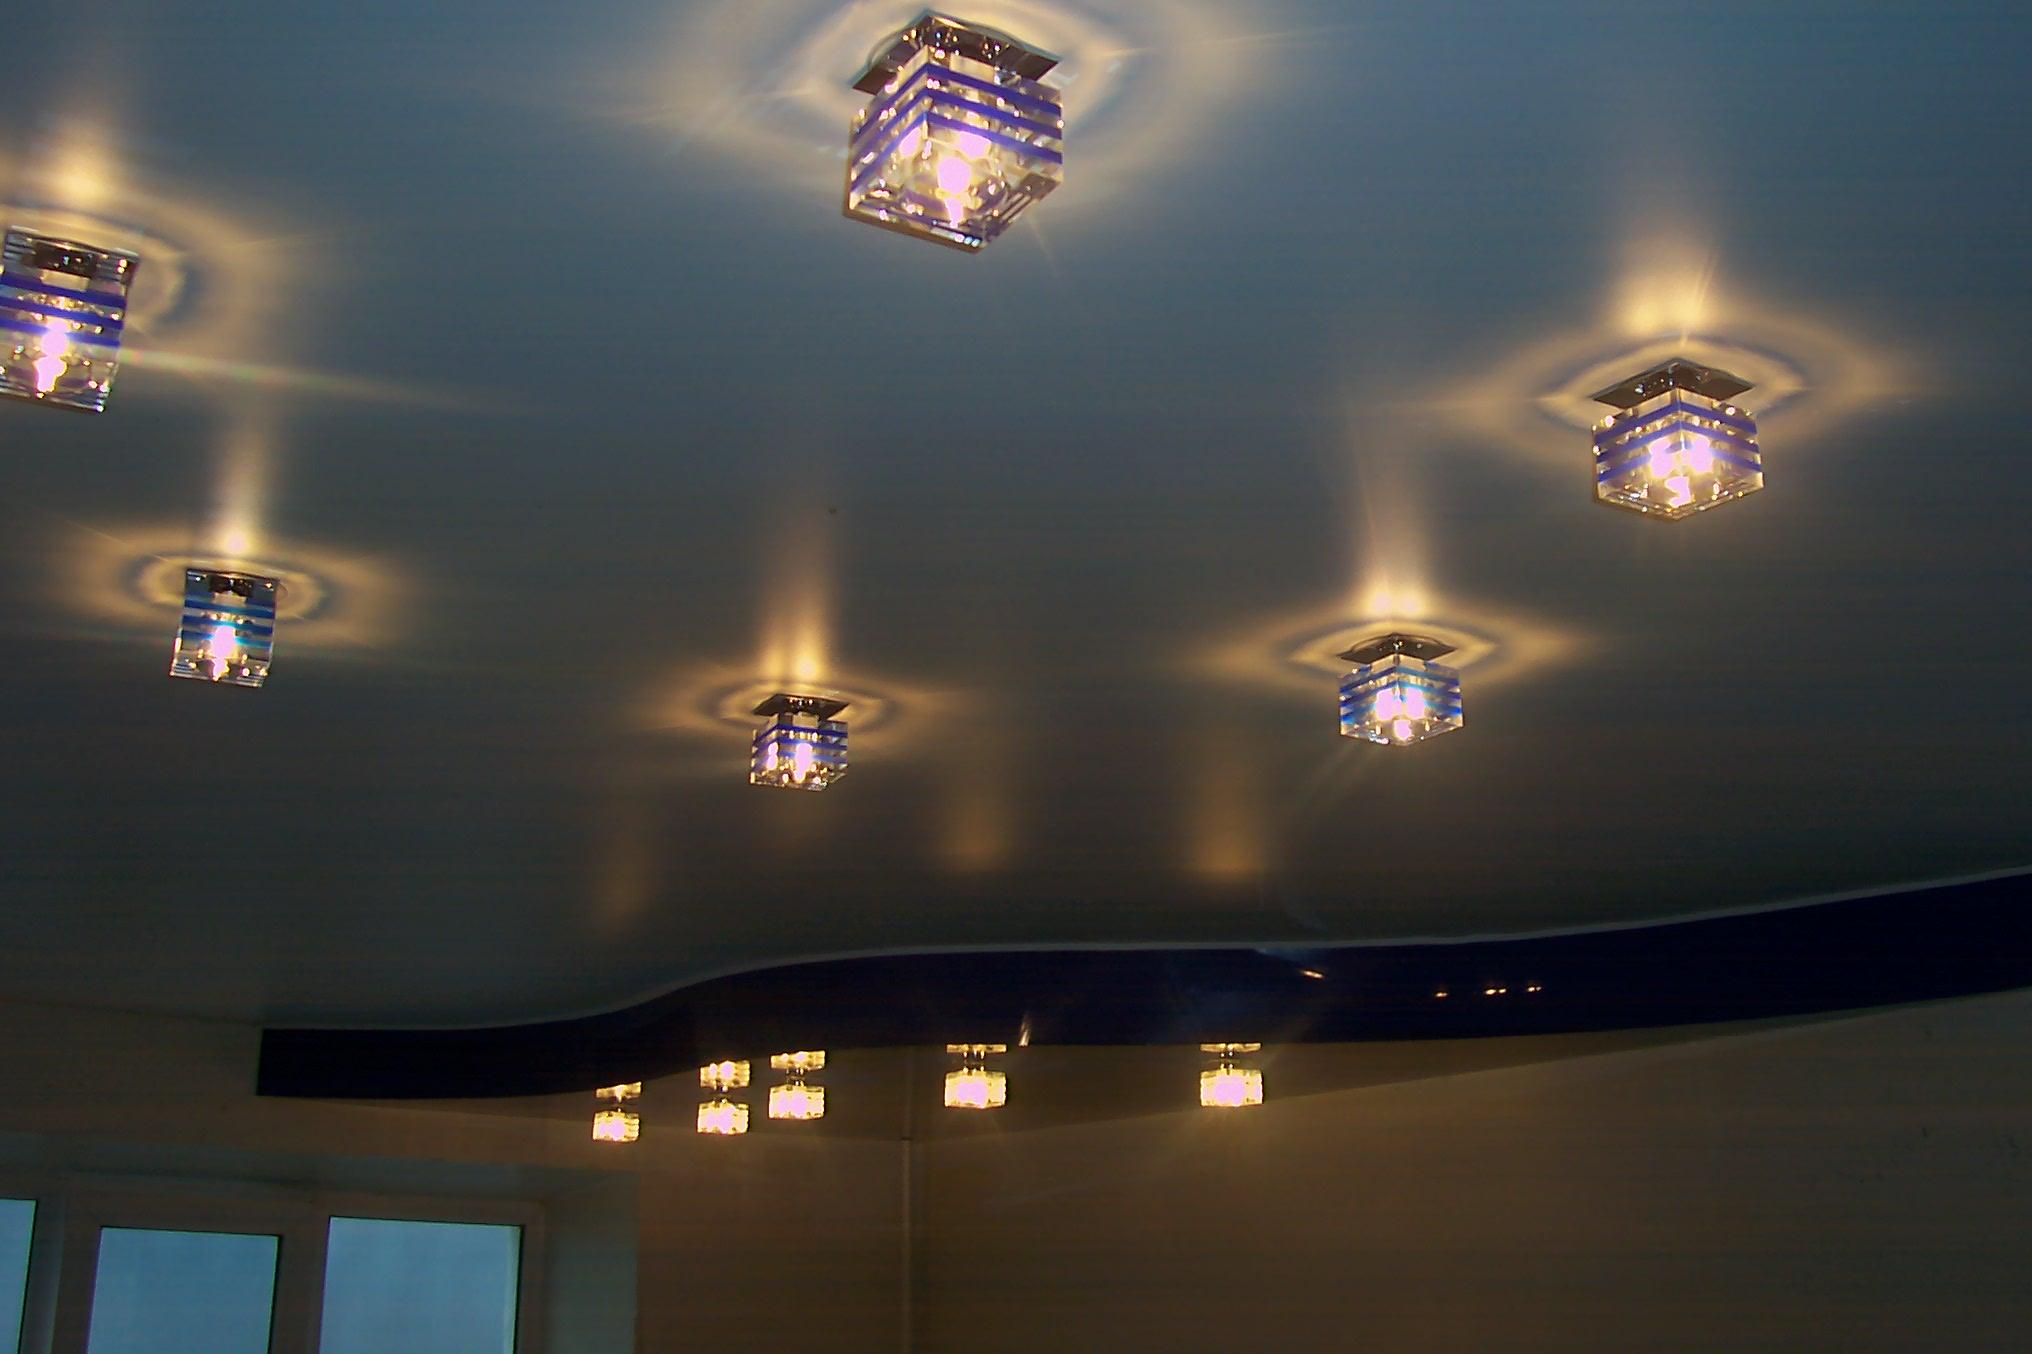 глаза потолок натяжной с светильниками фото настоящее